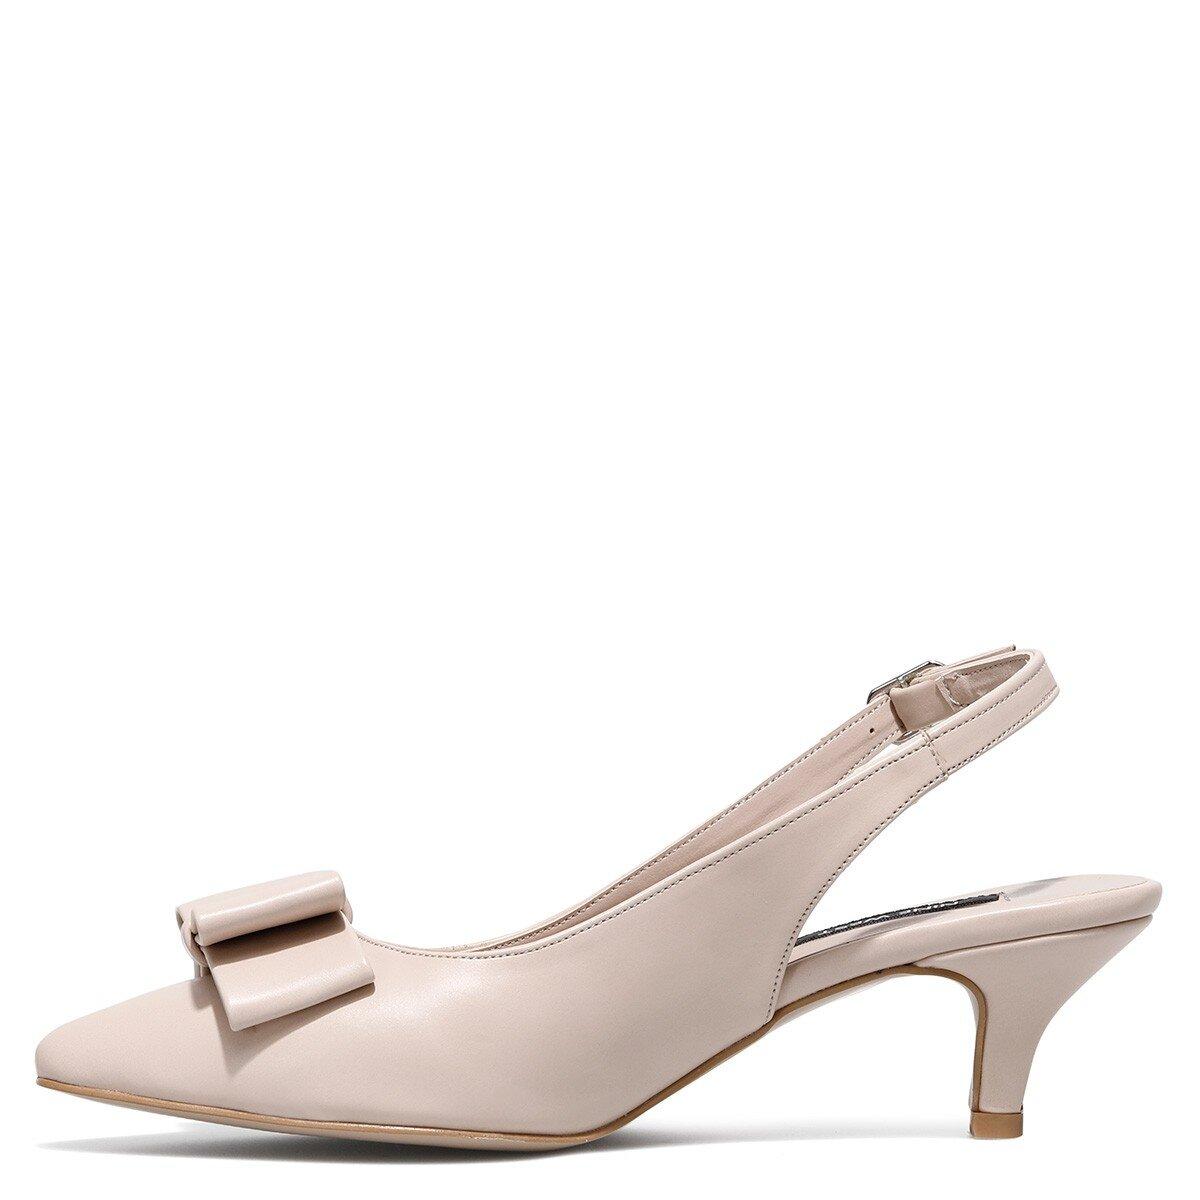 FEMMAN 1FX Pudra Kadın Gova Ayakkabı